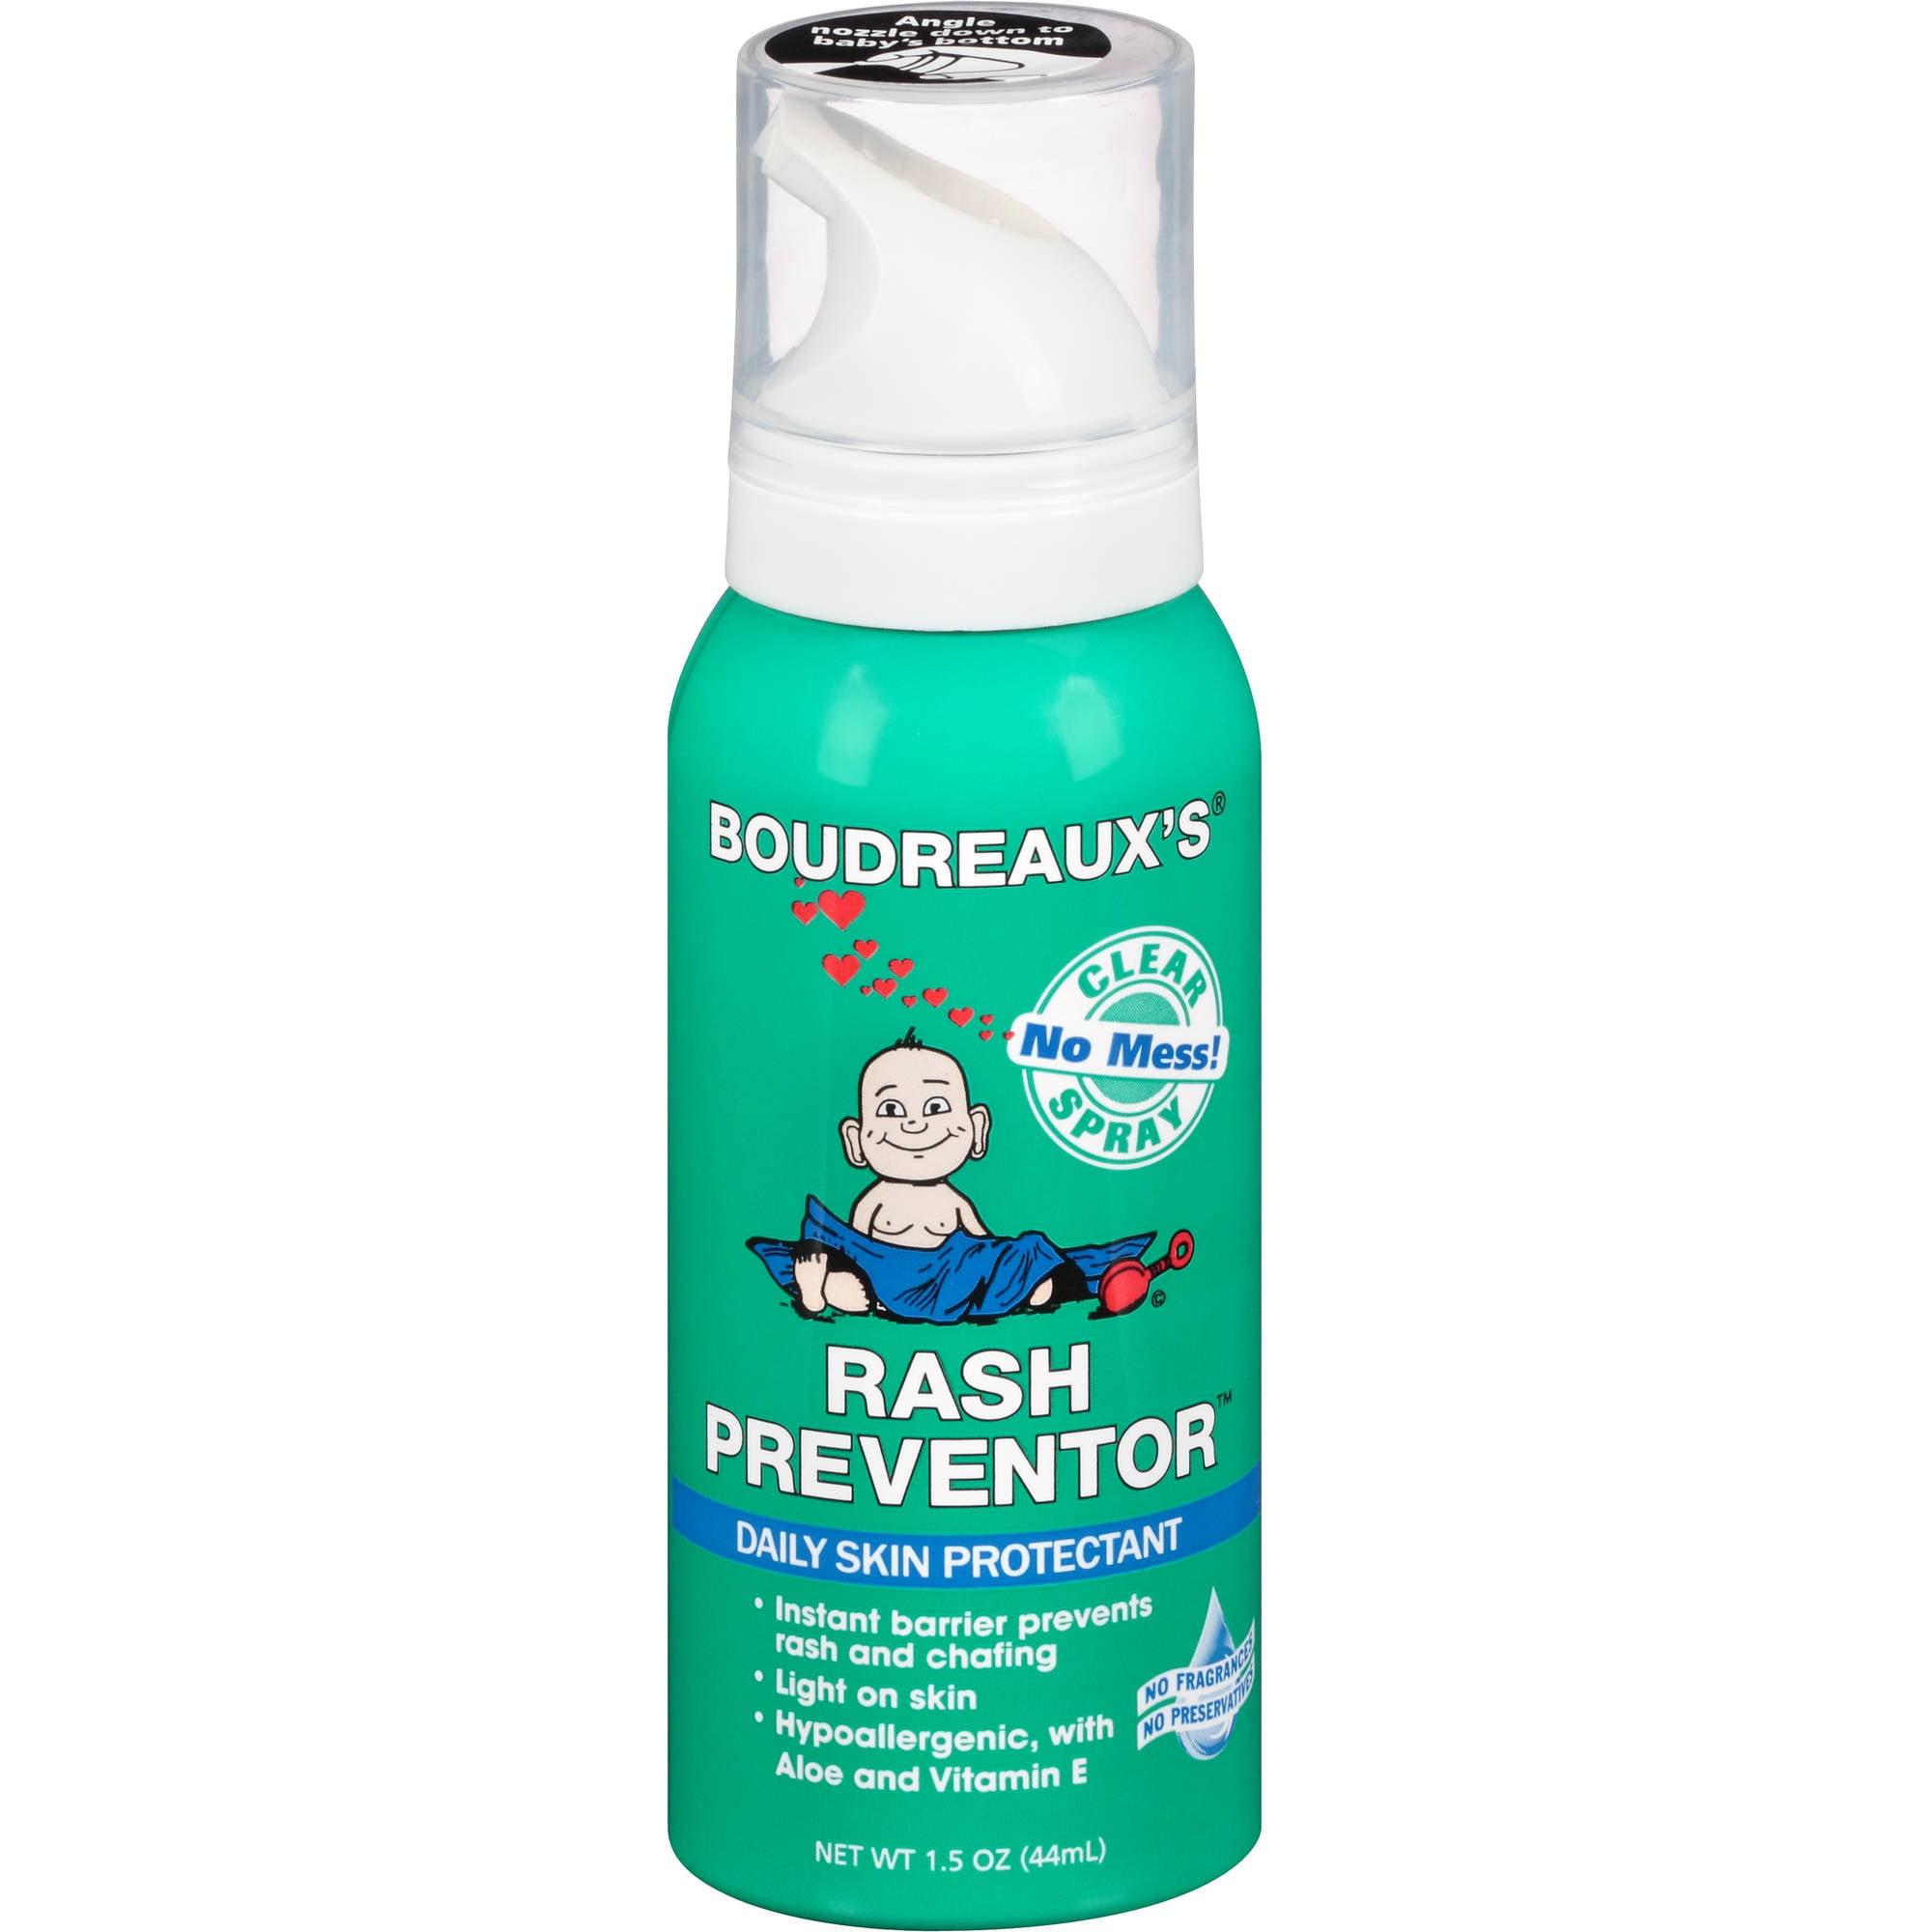 Boudreaux's Rash Preventor Daily Skin Protectant, 1.5 oz